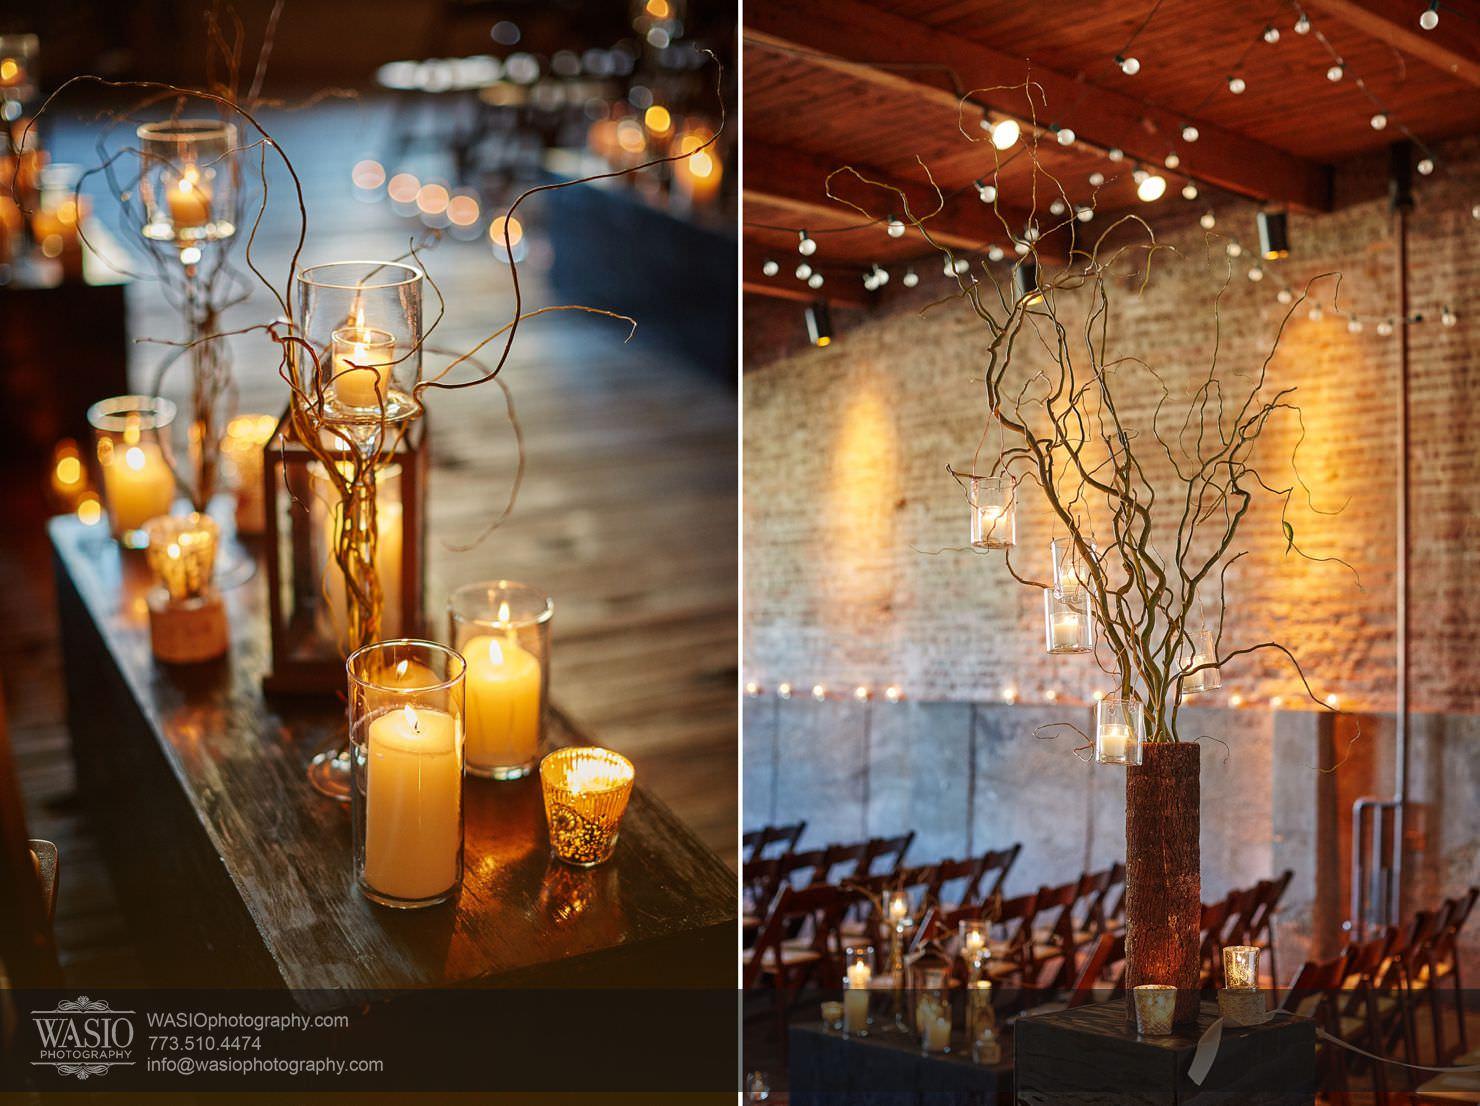 24_Chicago-Gallery-Wedding_03 Chicago Gallery Wedding - Courtney + Danny